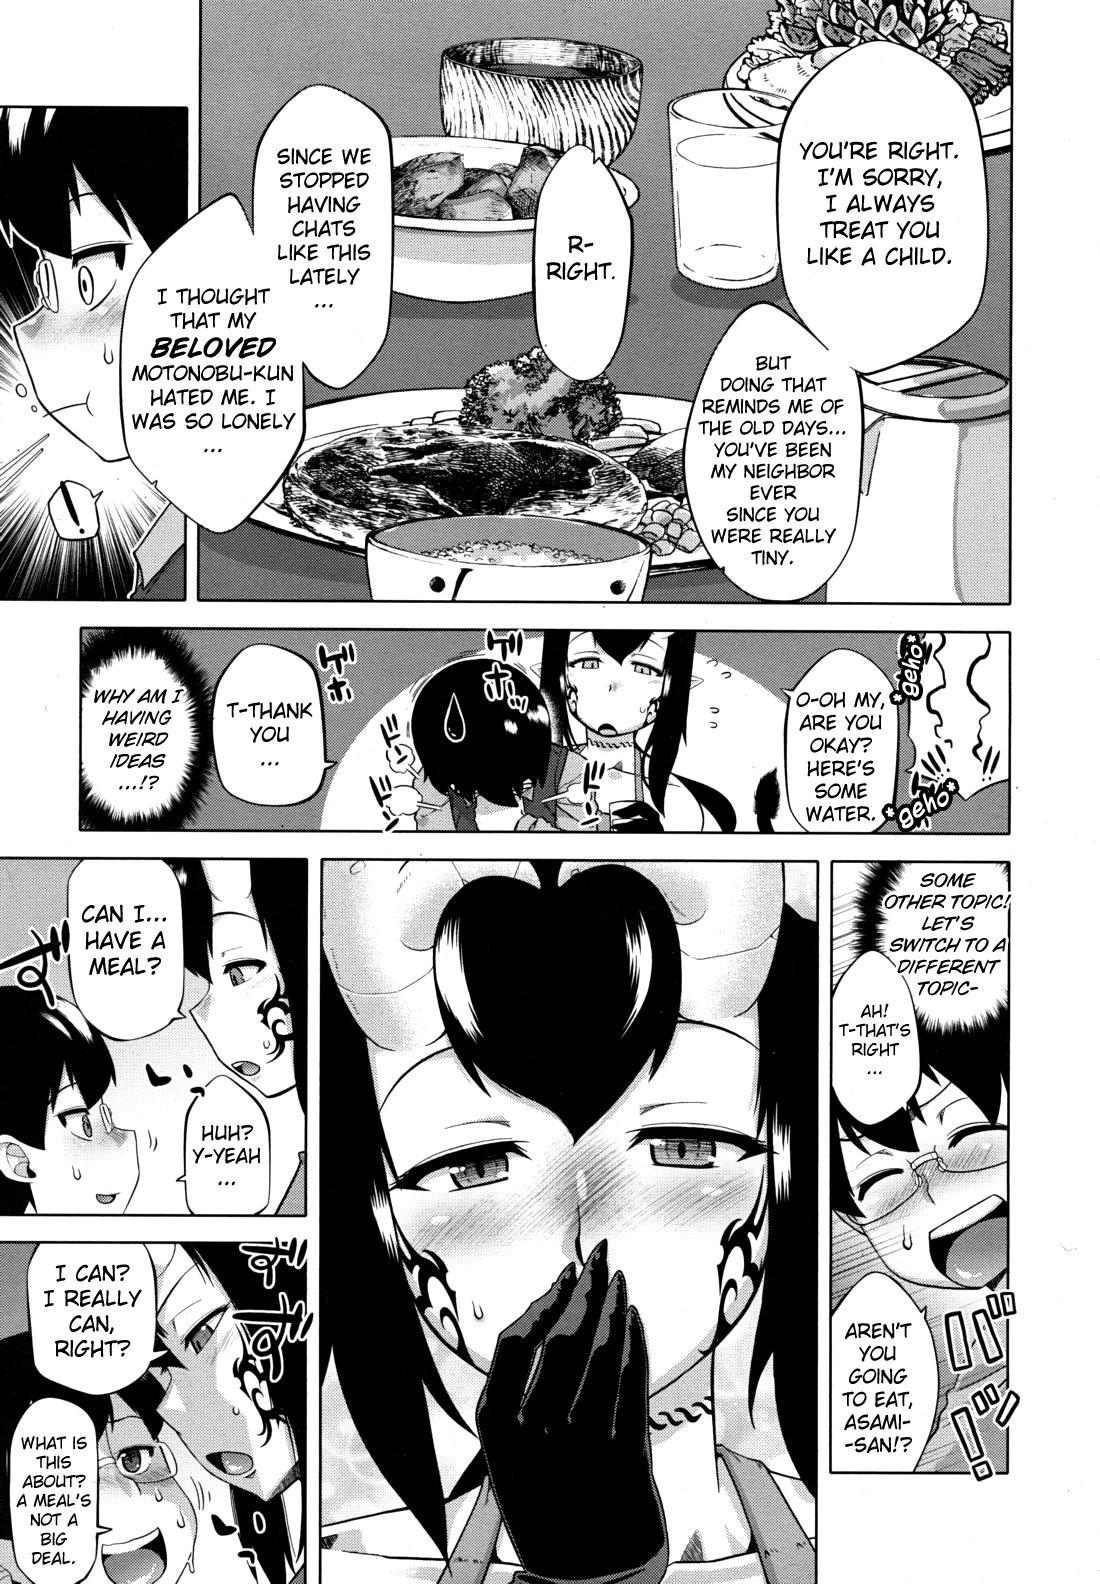 [Takatsu] DH! ~Himorogi Hyaku Yome Gatari~ | Demon-Hentai! - Shrine of One Hundred Wives [English] {doujin-moe.us} 120